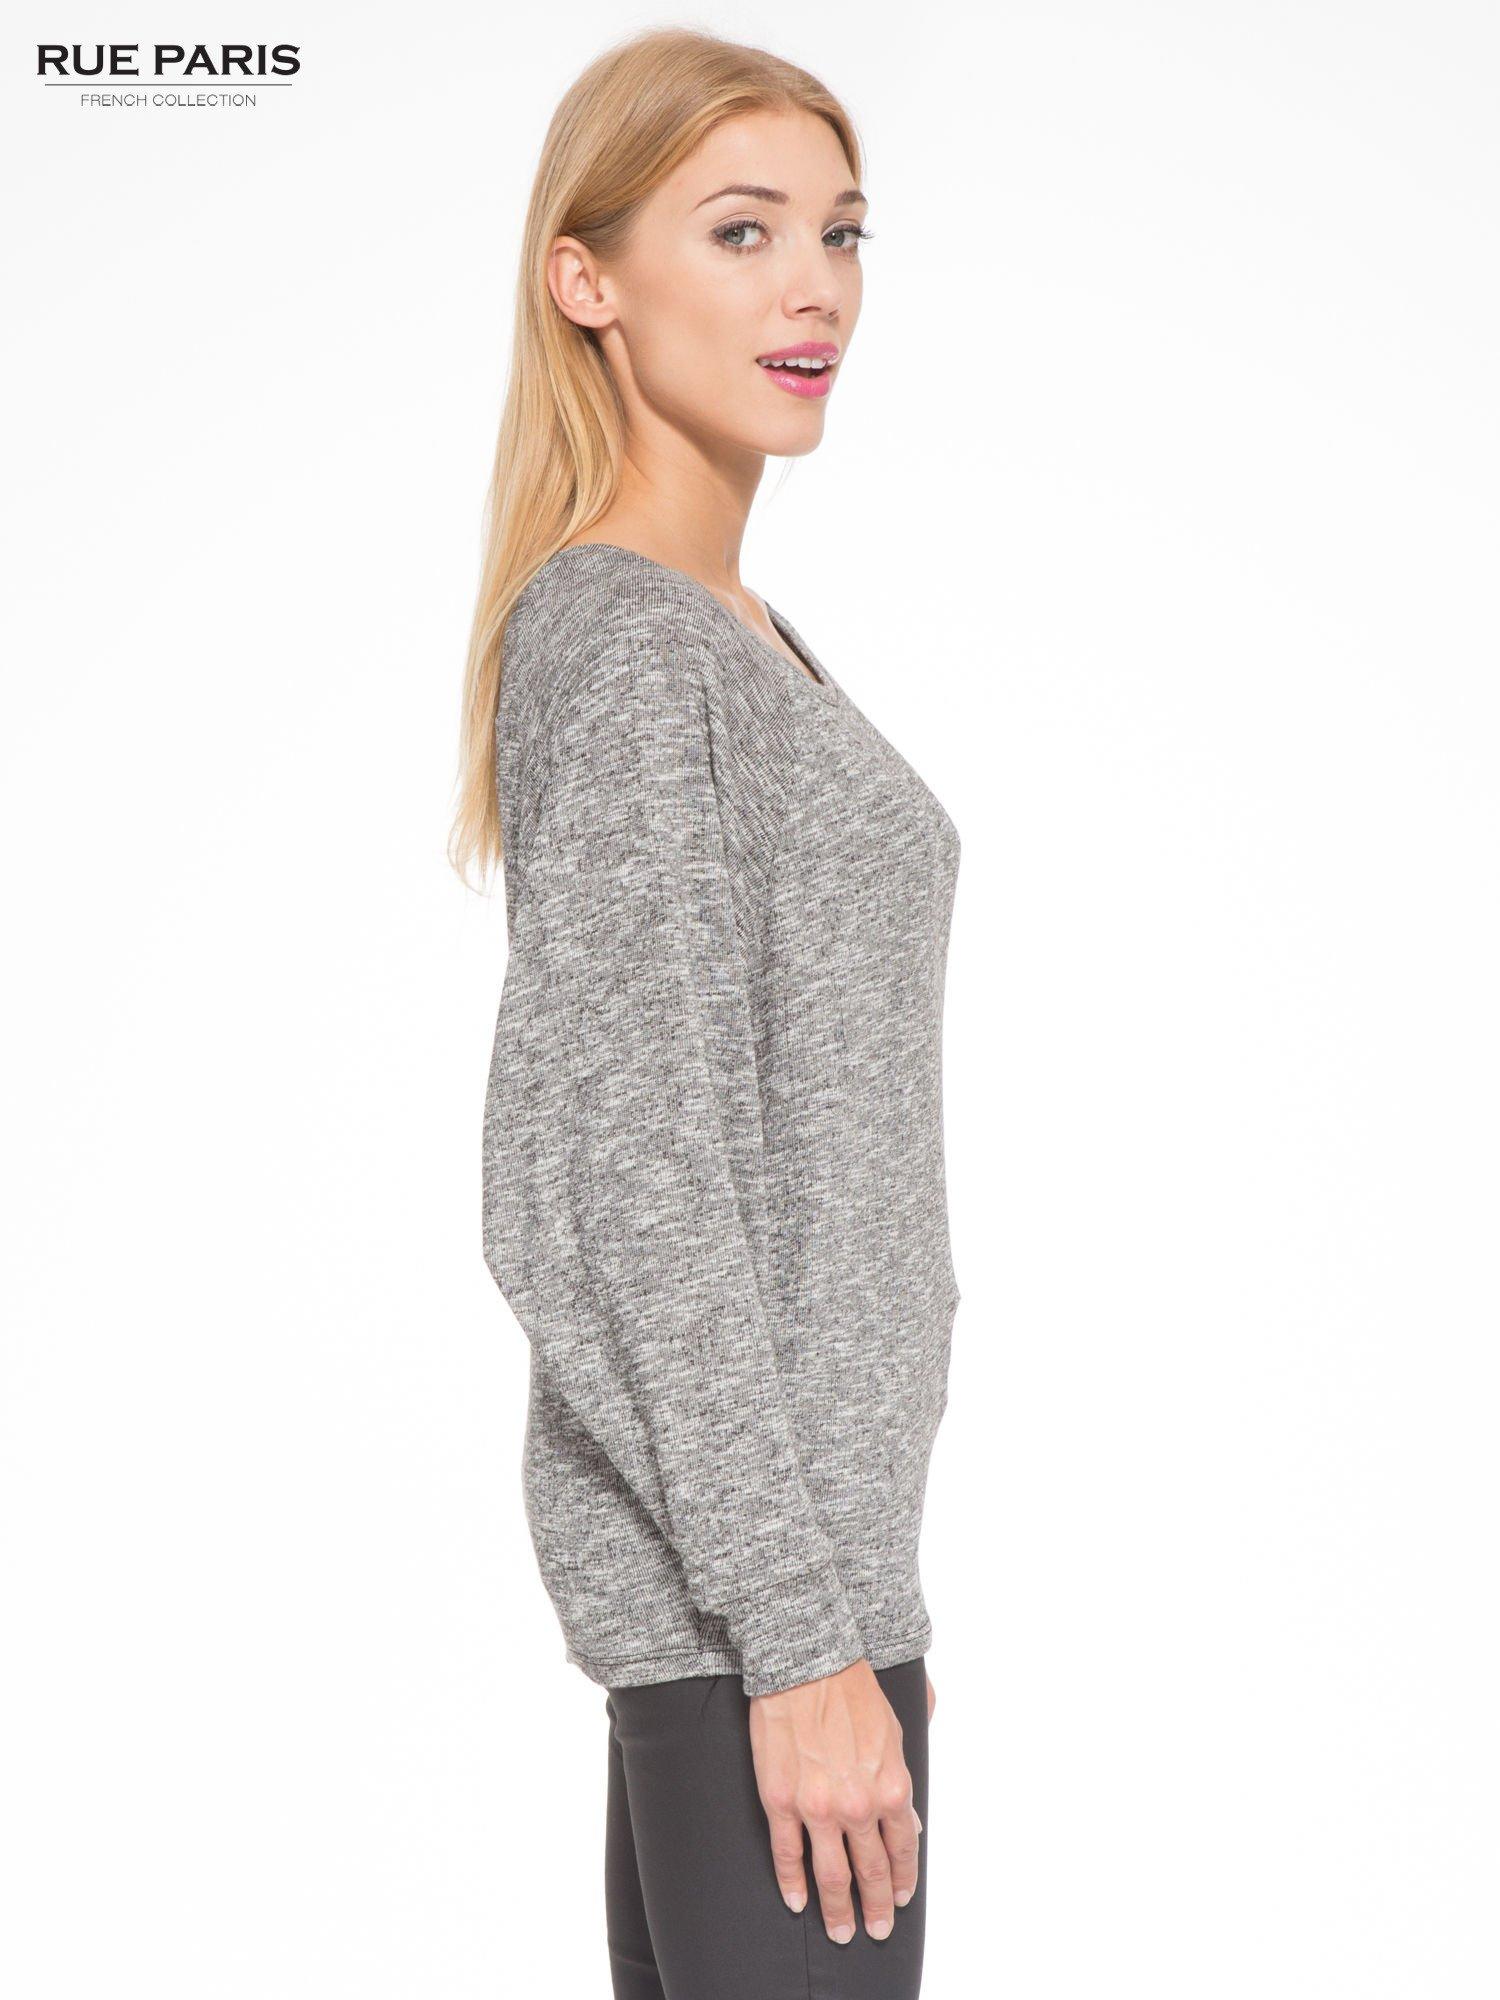 Szary melanżowy sweter z nietoperzowymi rękawami                                  zdj.                                  3